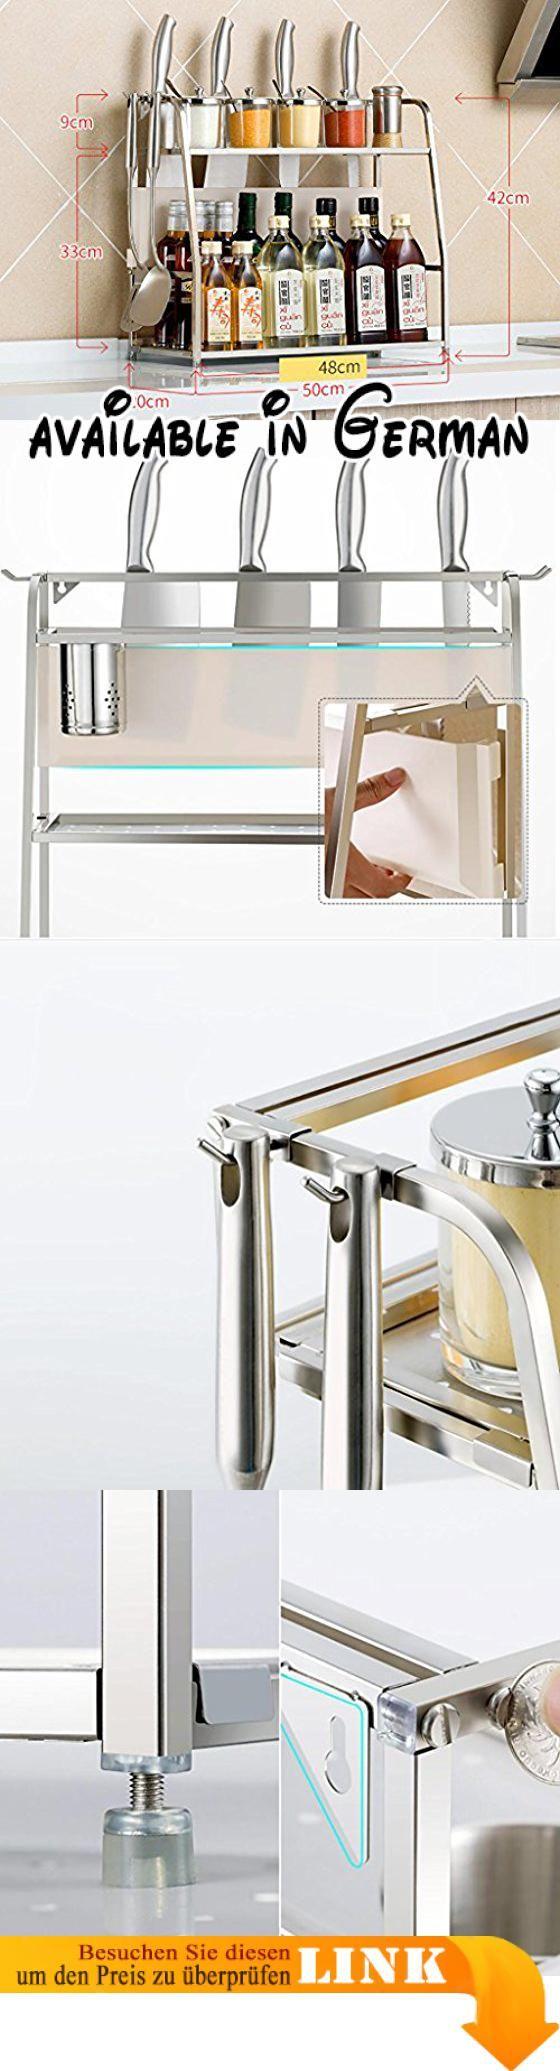 Kche wand behogar wand montiert klebrige dusche bad kche for Kuchenwand dekorieren